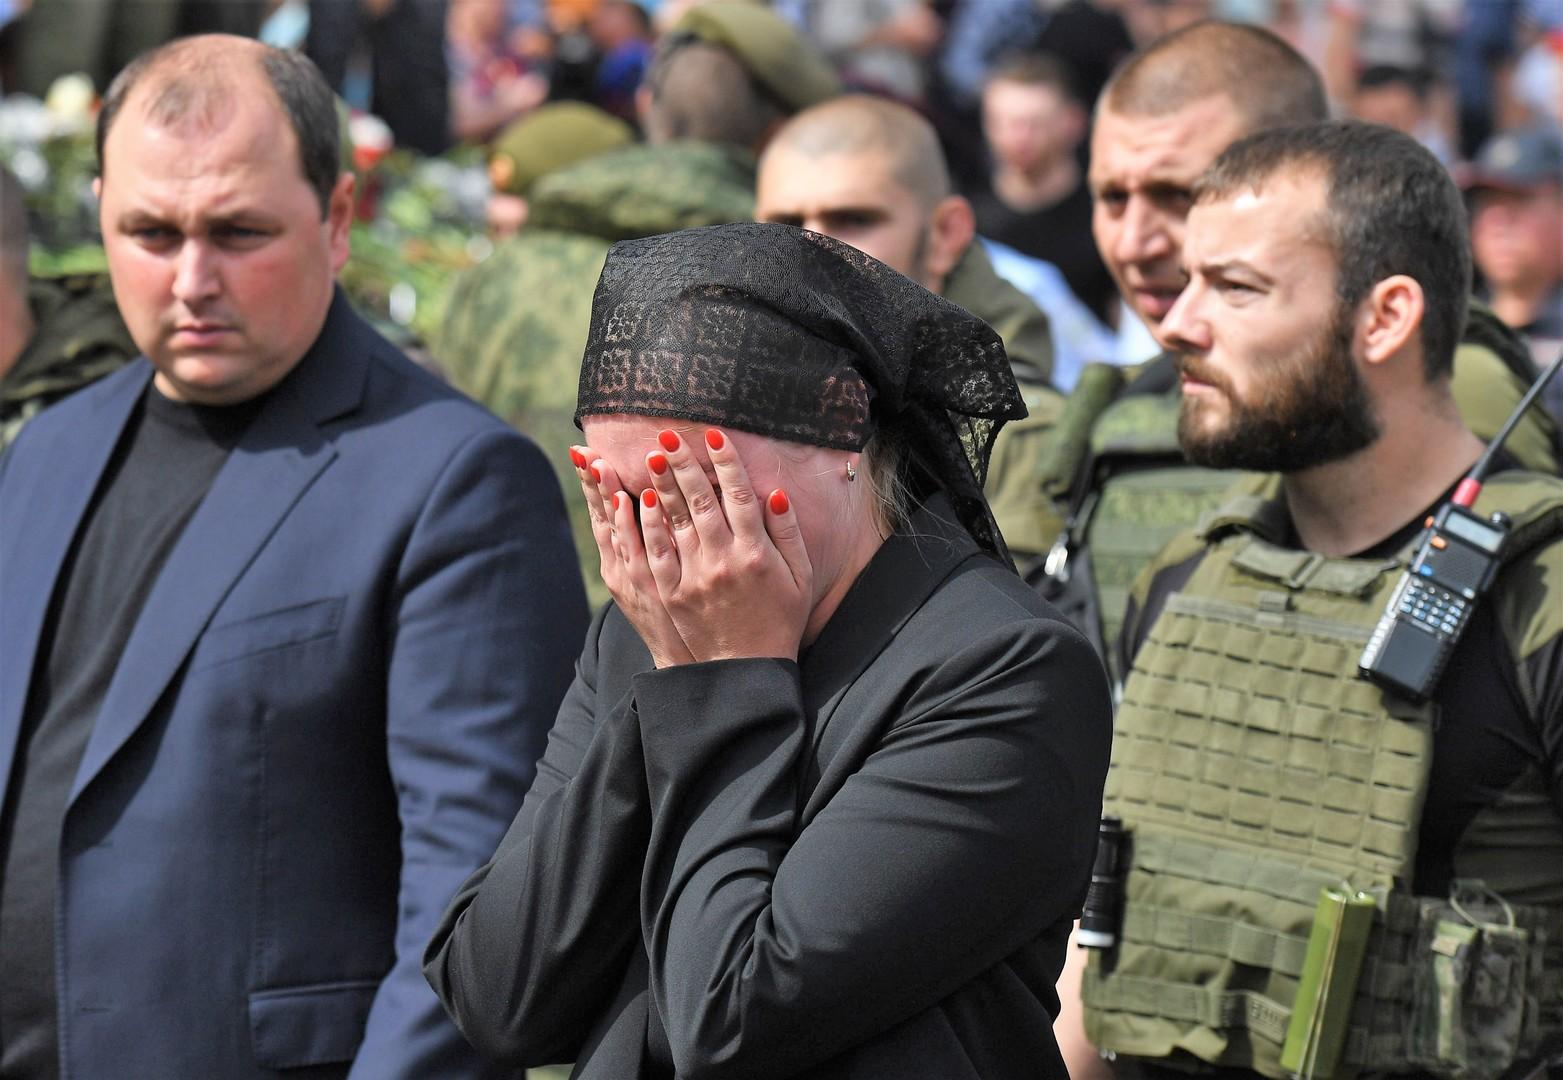 Wer profitiert von Sachartschenkos Tod? Theorien zum Mord in Donezk